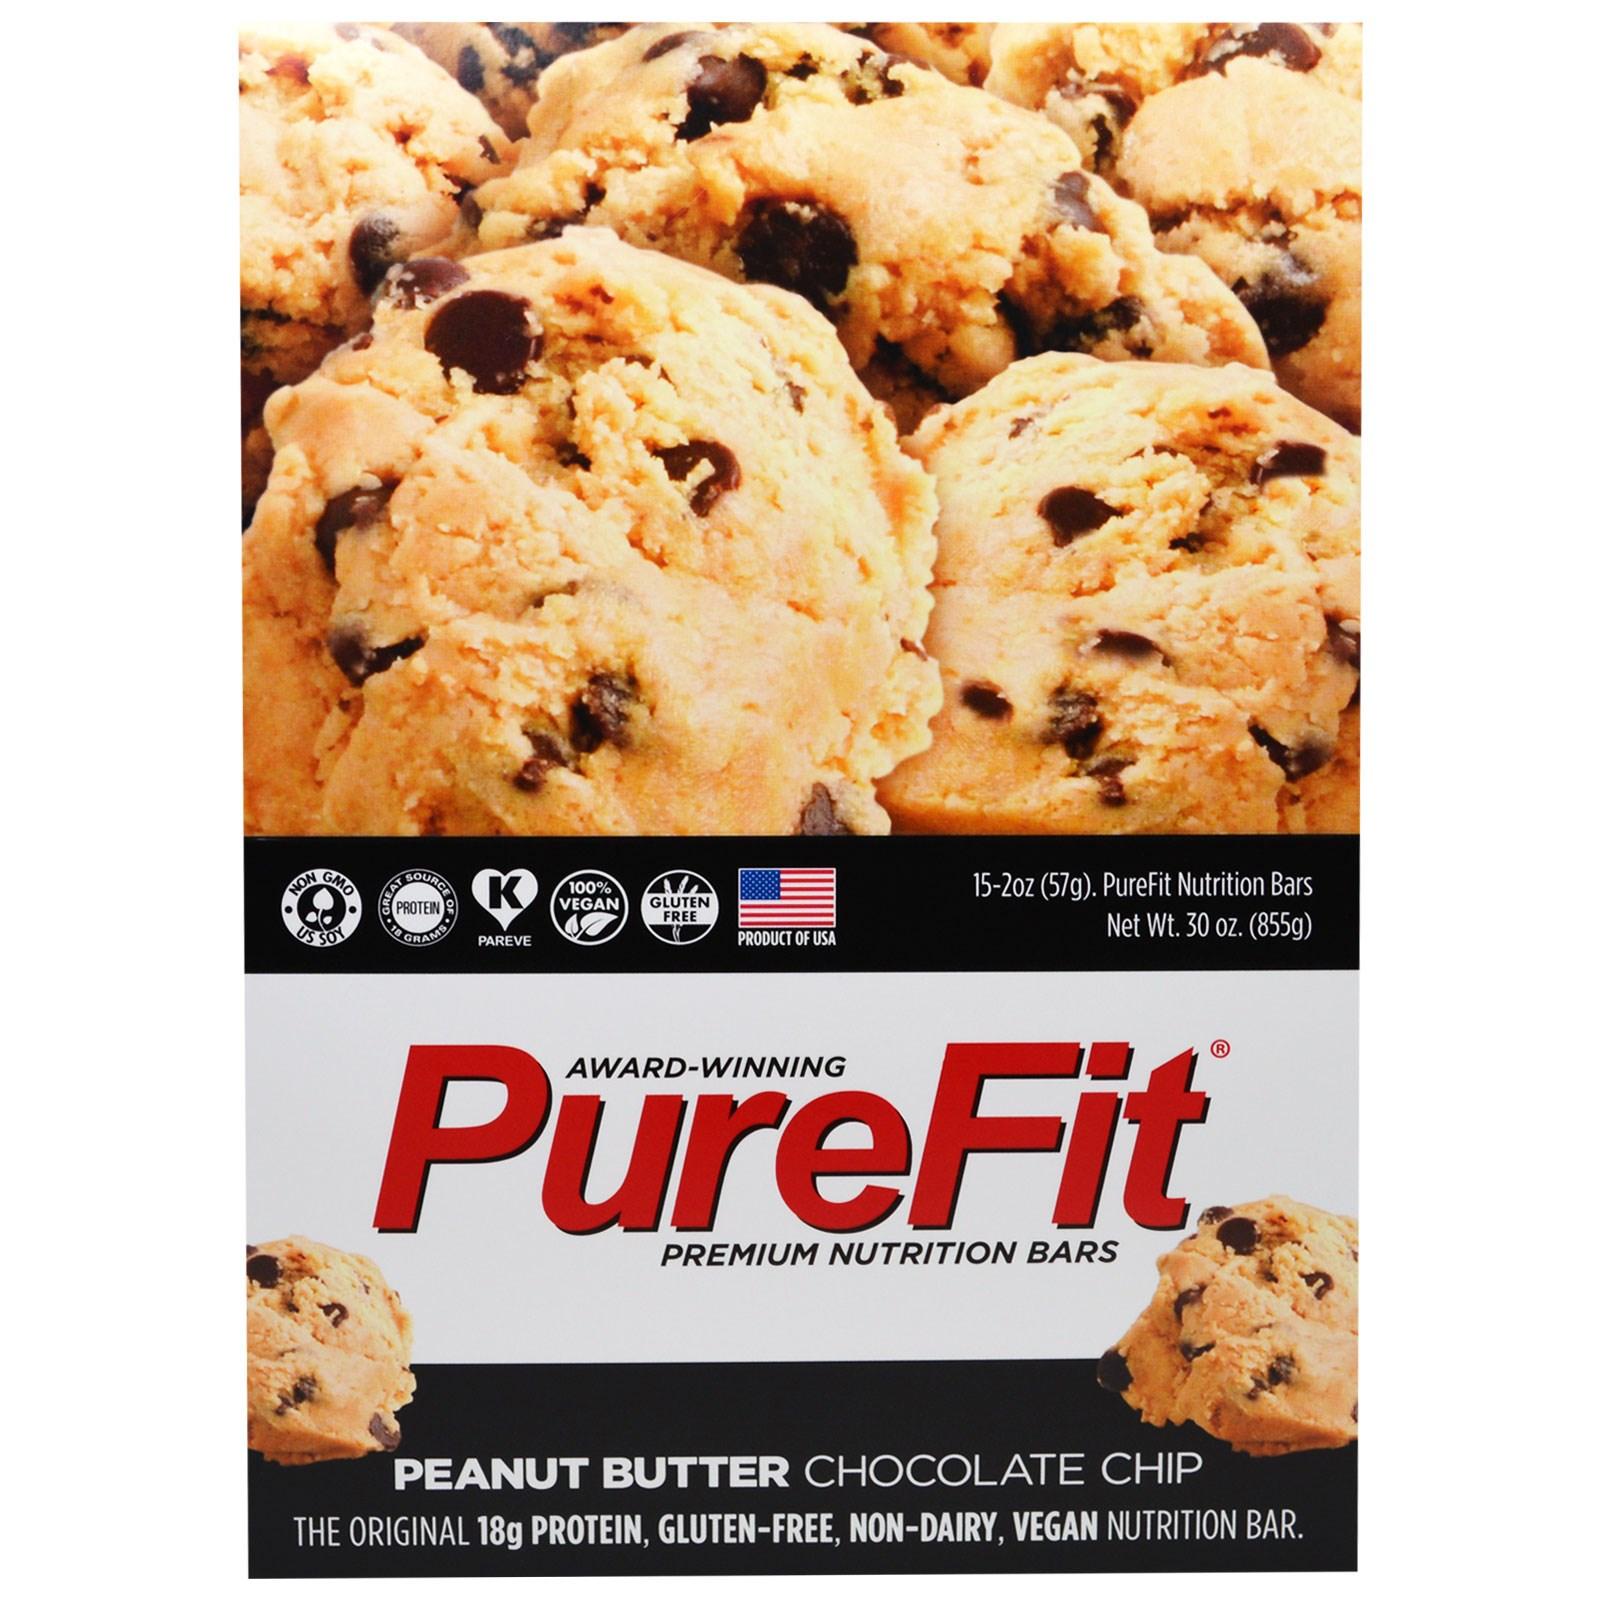 Pure Fit Bars, Premium Nutrition Bars, Арахисовое Масло и Шоколадные чипы, 15 штук по 2 унции (57 г) каждая